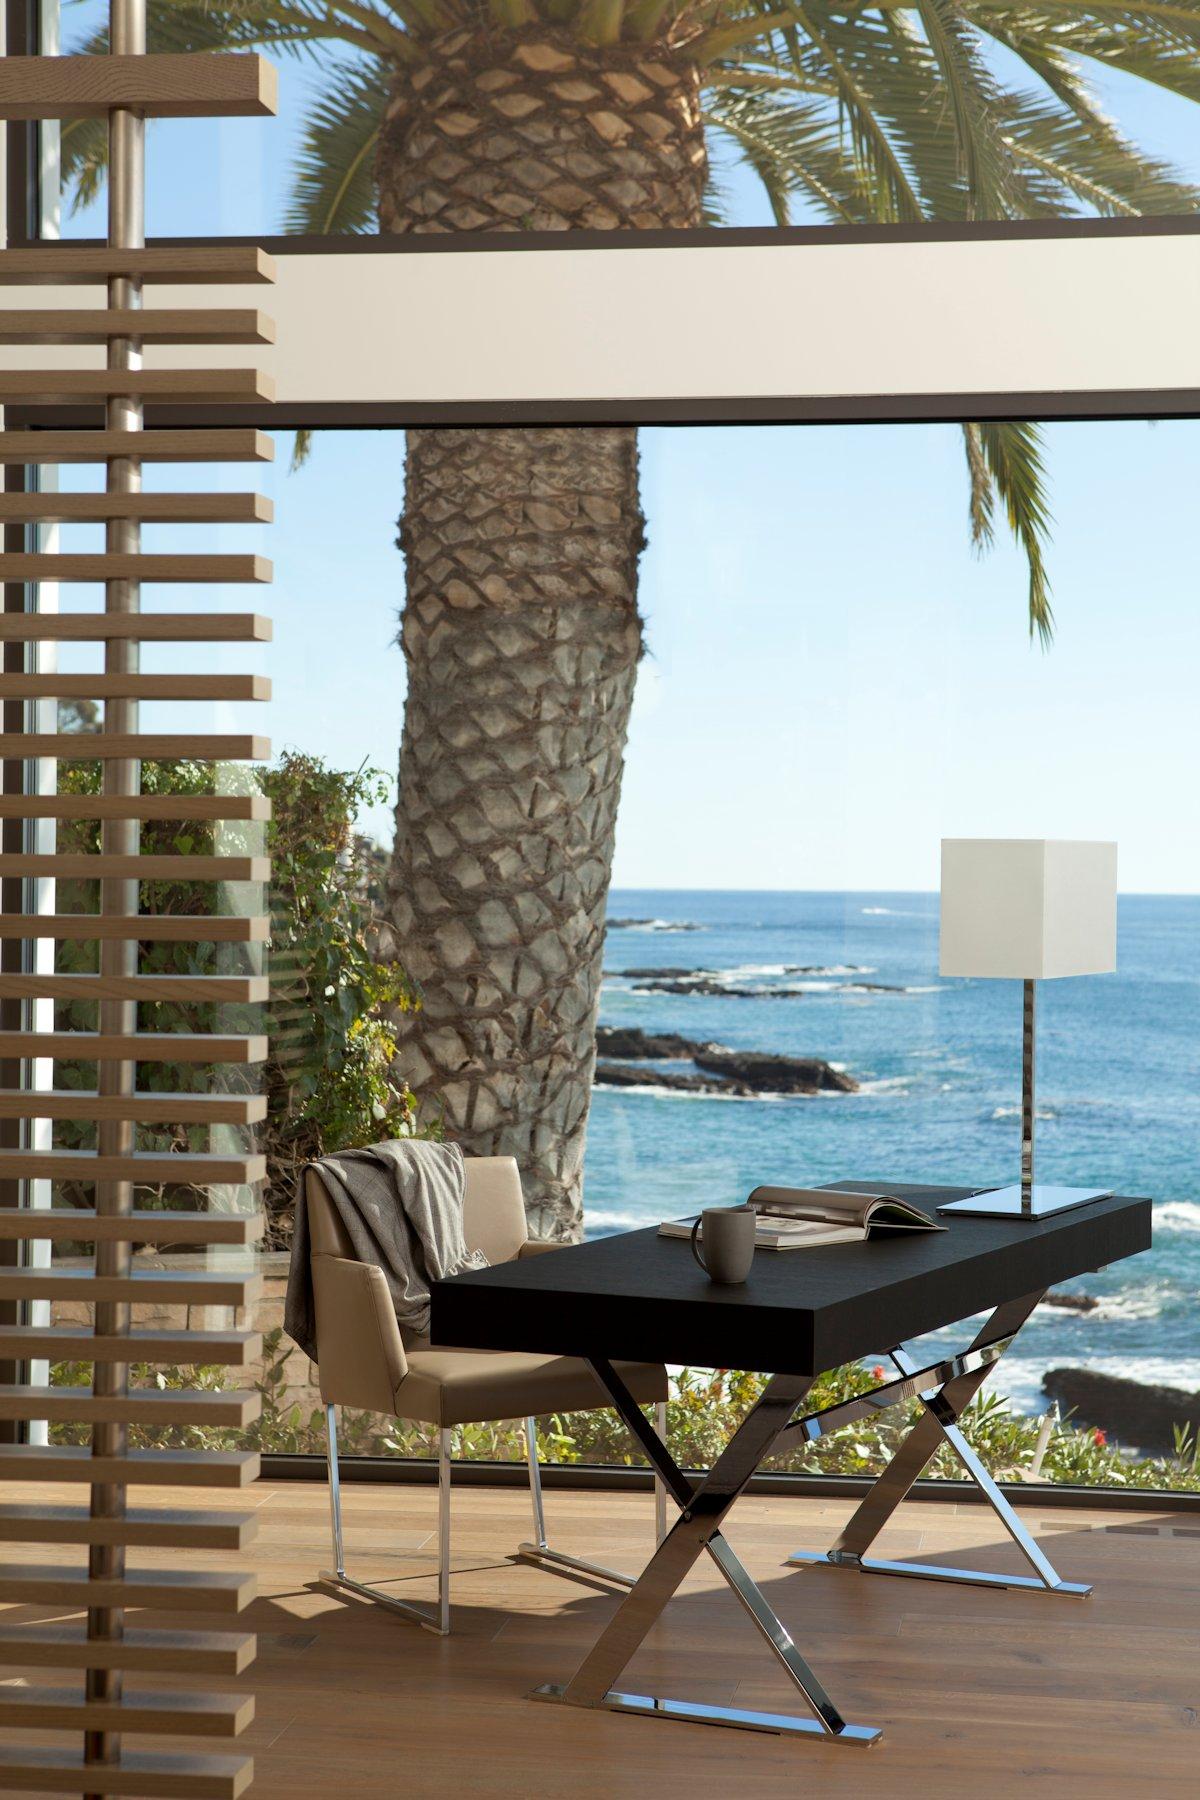 Office Table, Ocean Views, Beach House in Laguna Beach, California